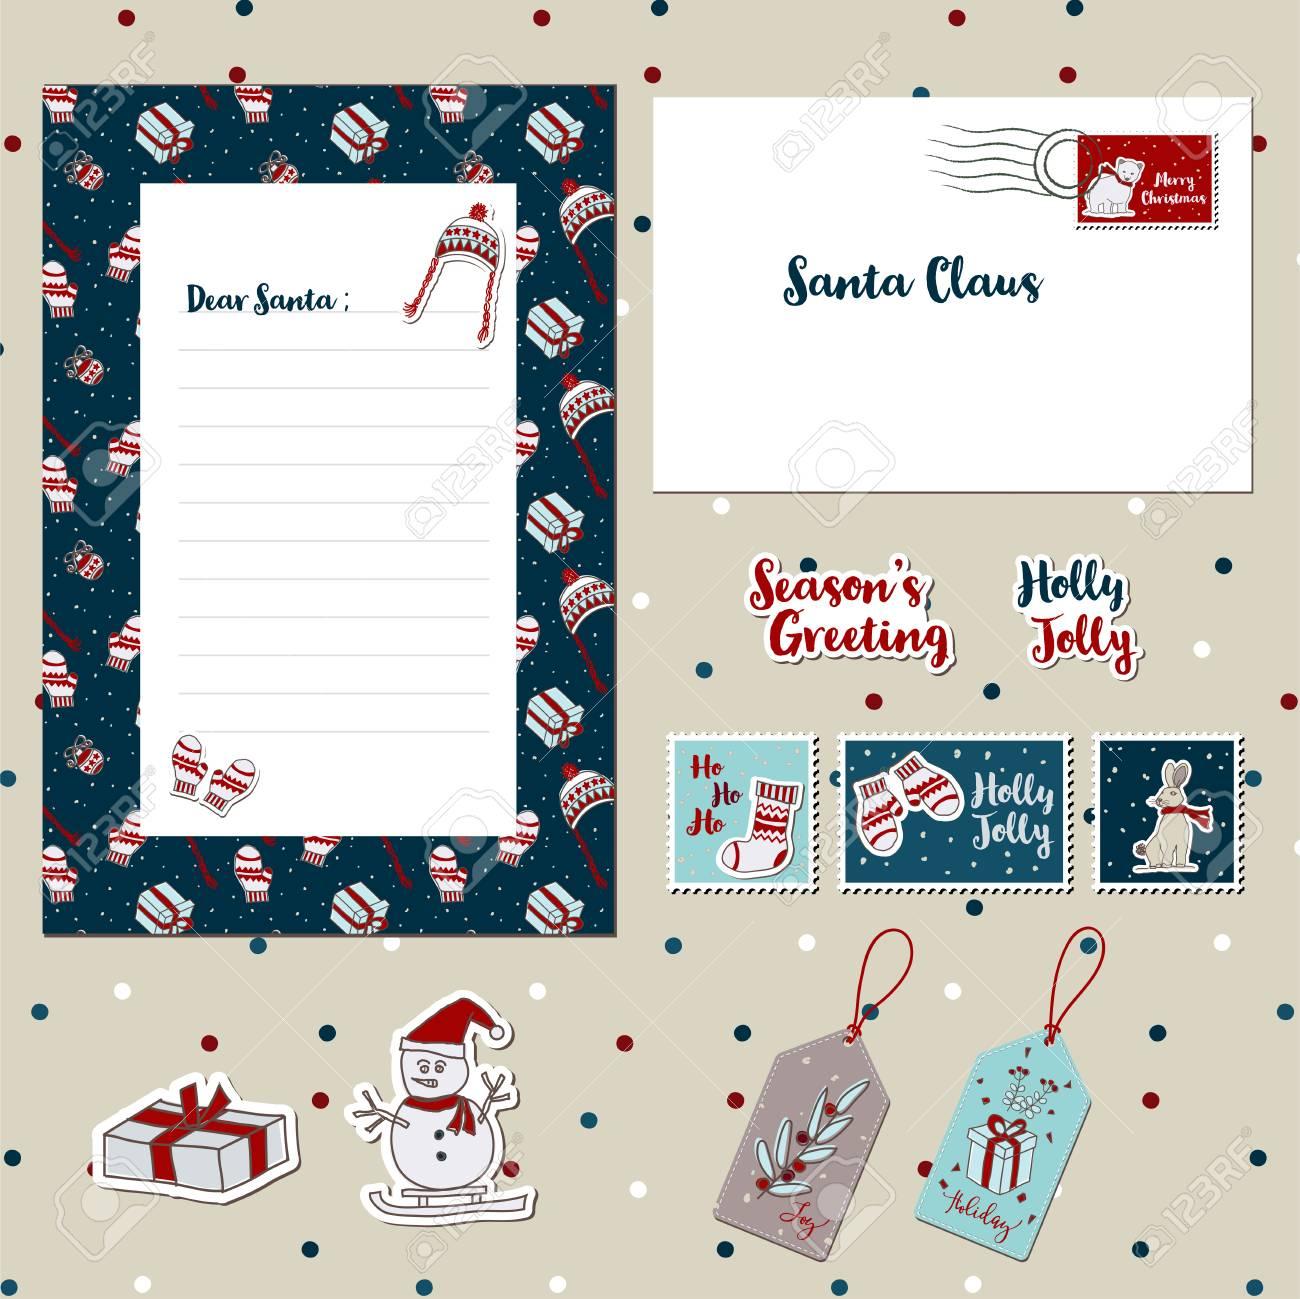 メリー クリスマス サンタかわいい手紙封筒テンプレート スクラップ